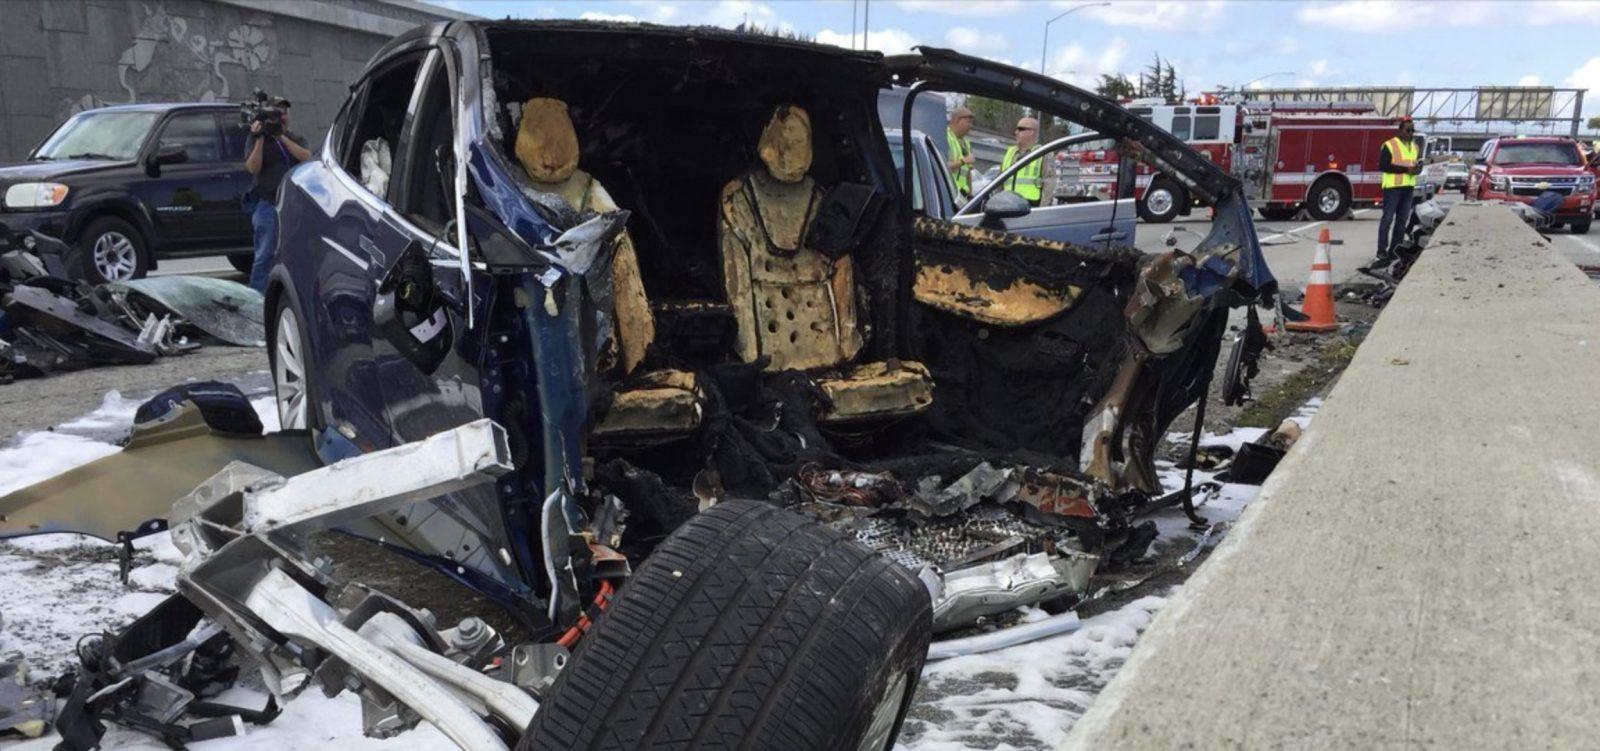 画像,#テスラ モデルX 事故 出火炎上 円筒形のバッテリーが誘爆か#電気自動車 #パナソニック  #18650 #リチウムイオンバッテリー #エネループ Tesla…